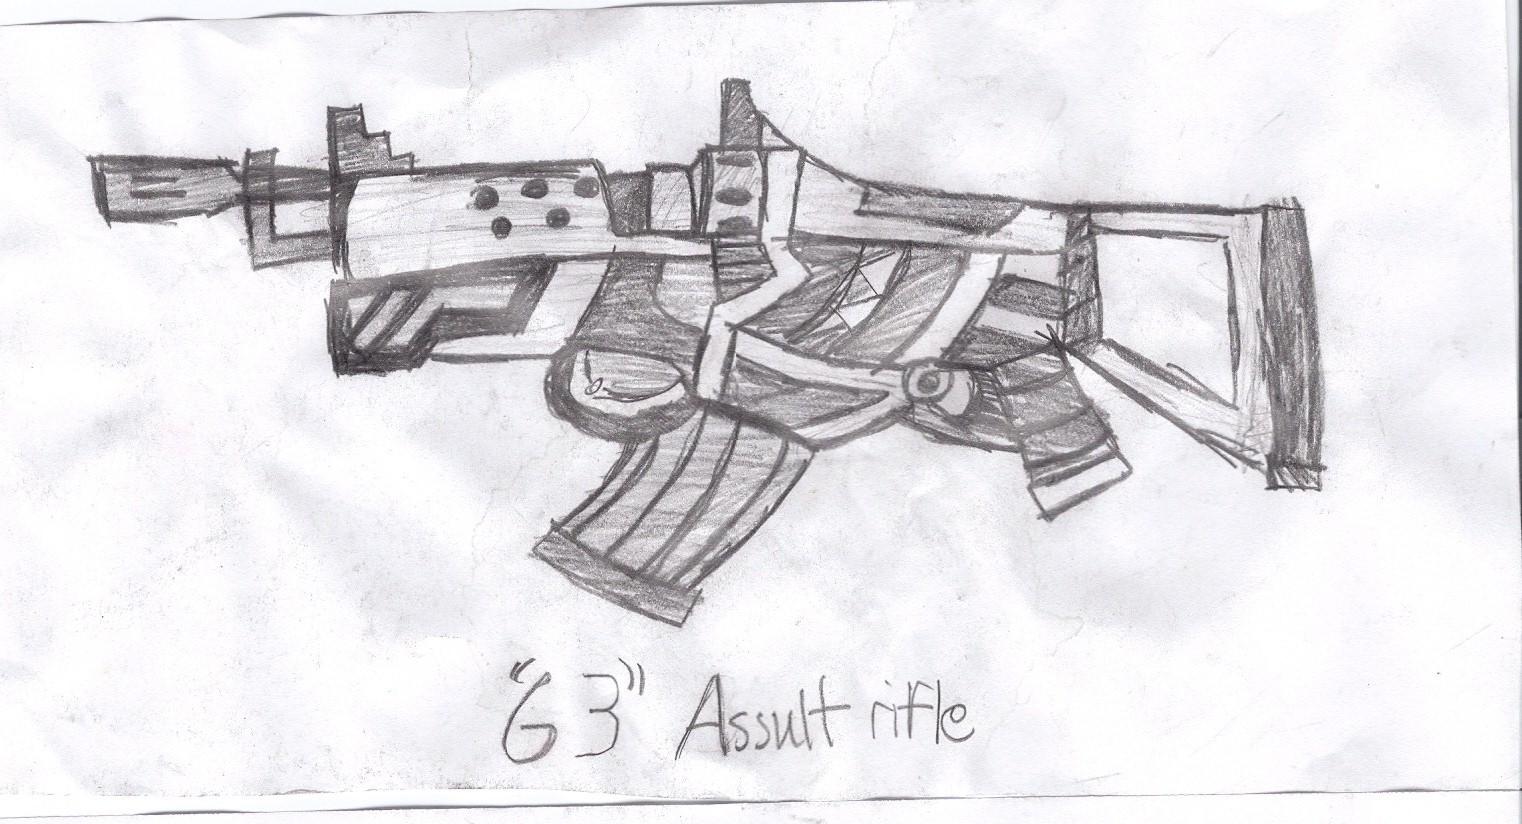 B.A. assult rifle